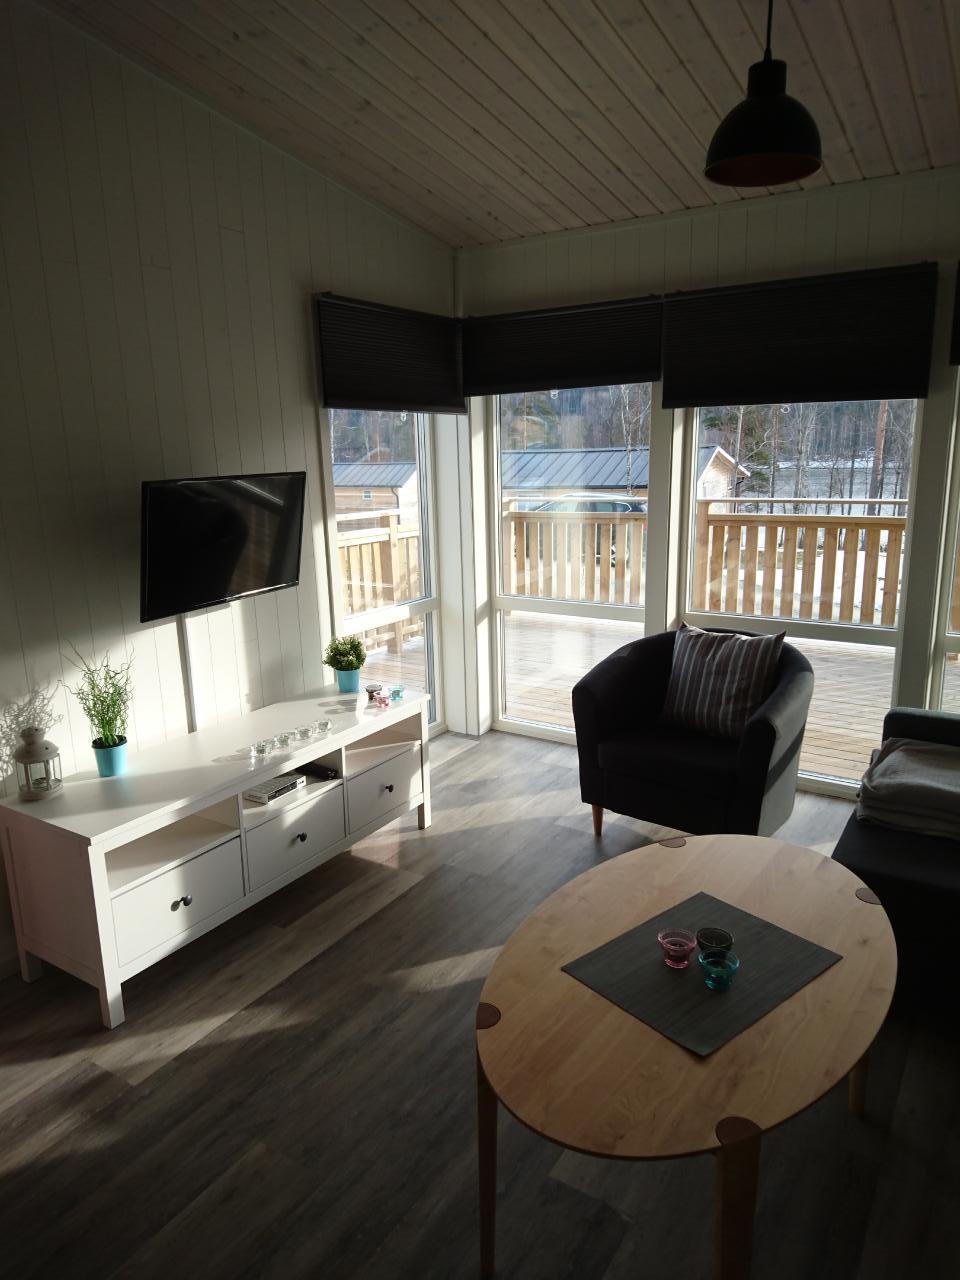 Ferienhaus Haus am Dalslandkanal/ See Laxsjön (2549266), Dals Långed, Västra Götaland län, Westschweden, Schweden, Bild 2